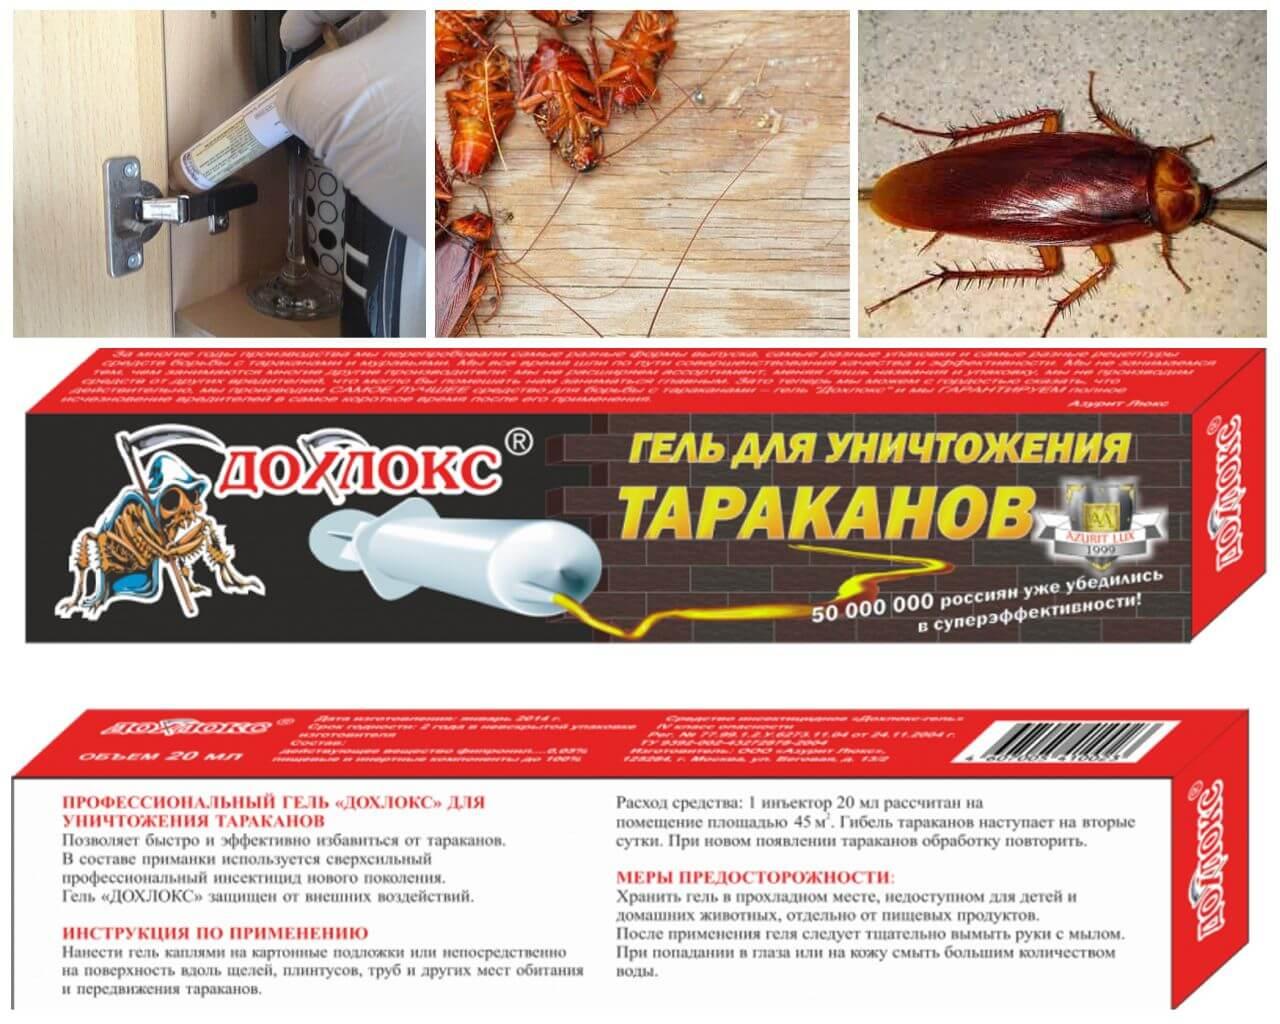 Инсектицидный гель дохлокс от тараканов